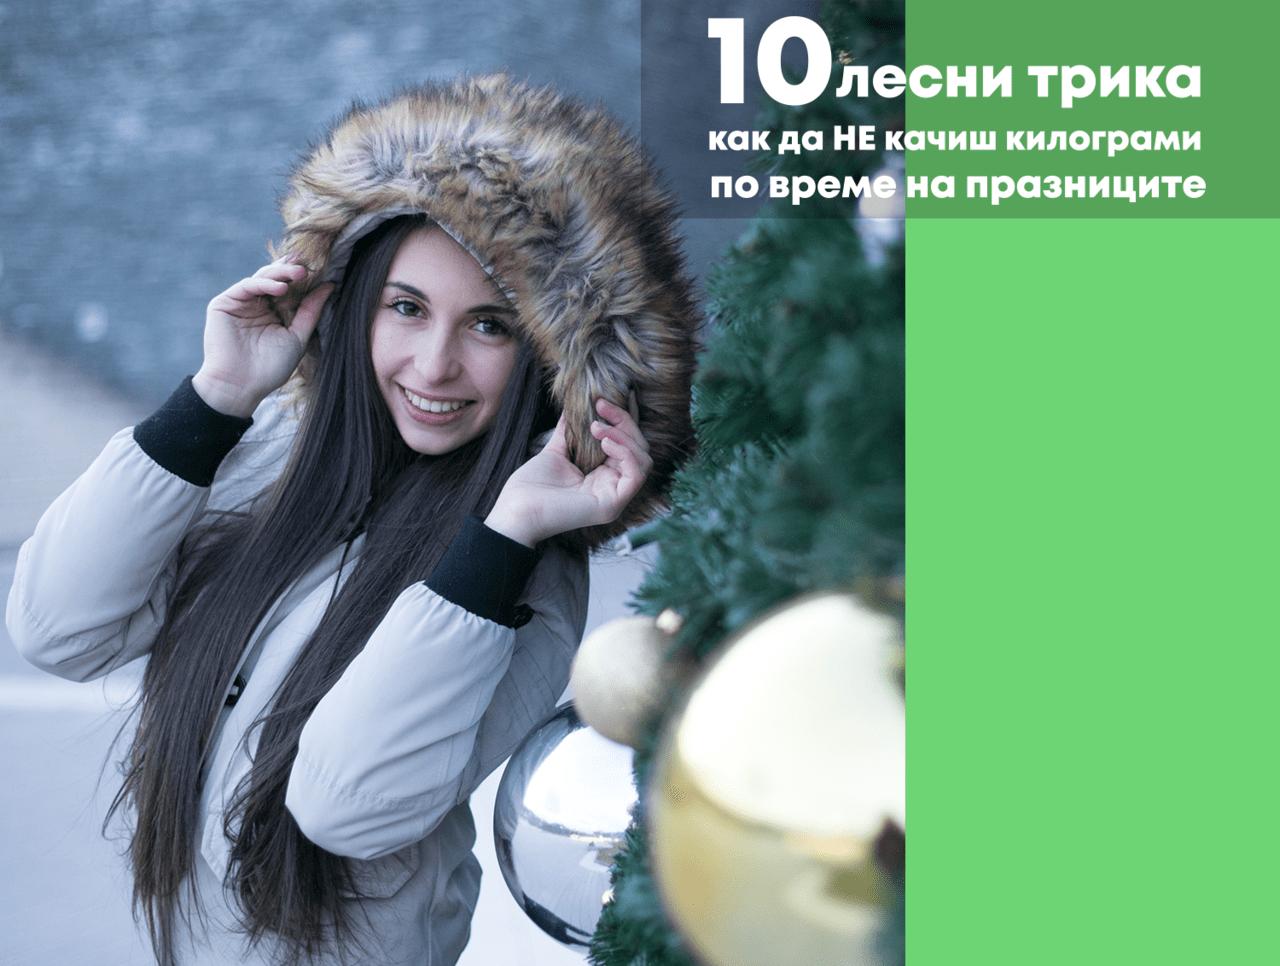 10 лесни трика как да НЕ качиш килограми по време на празниците